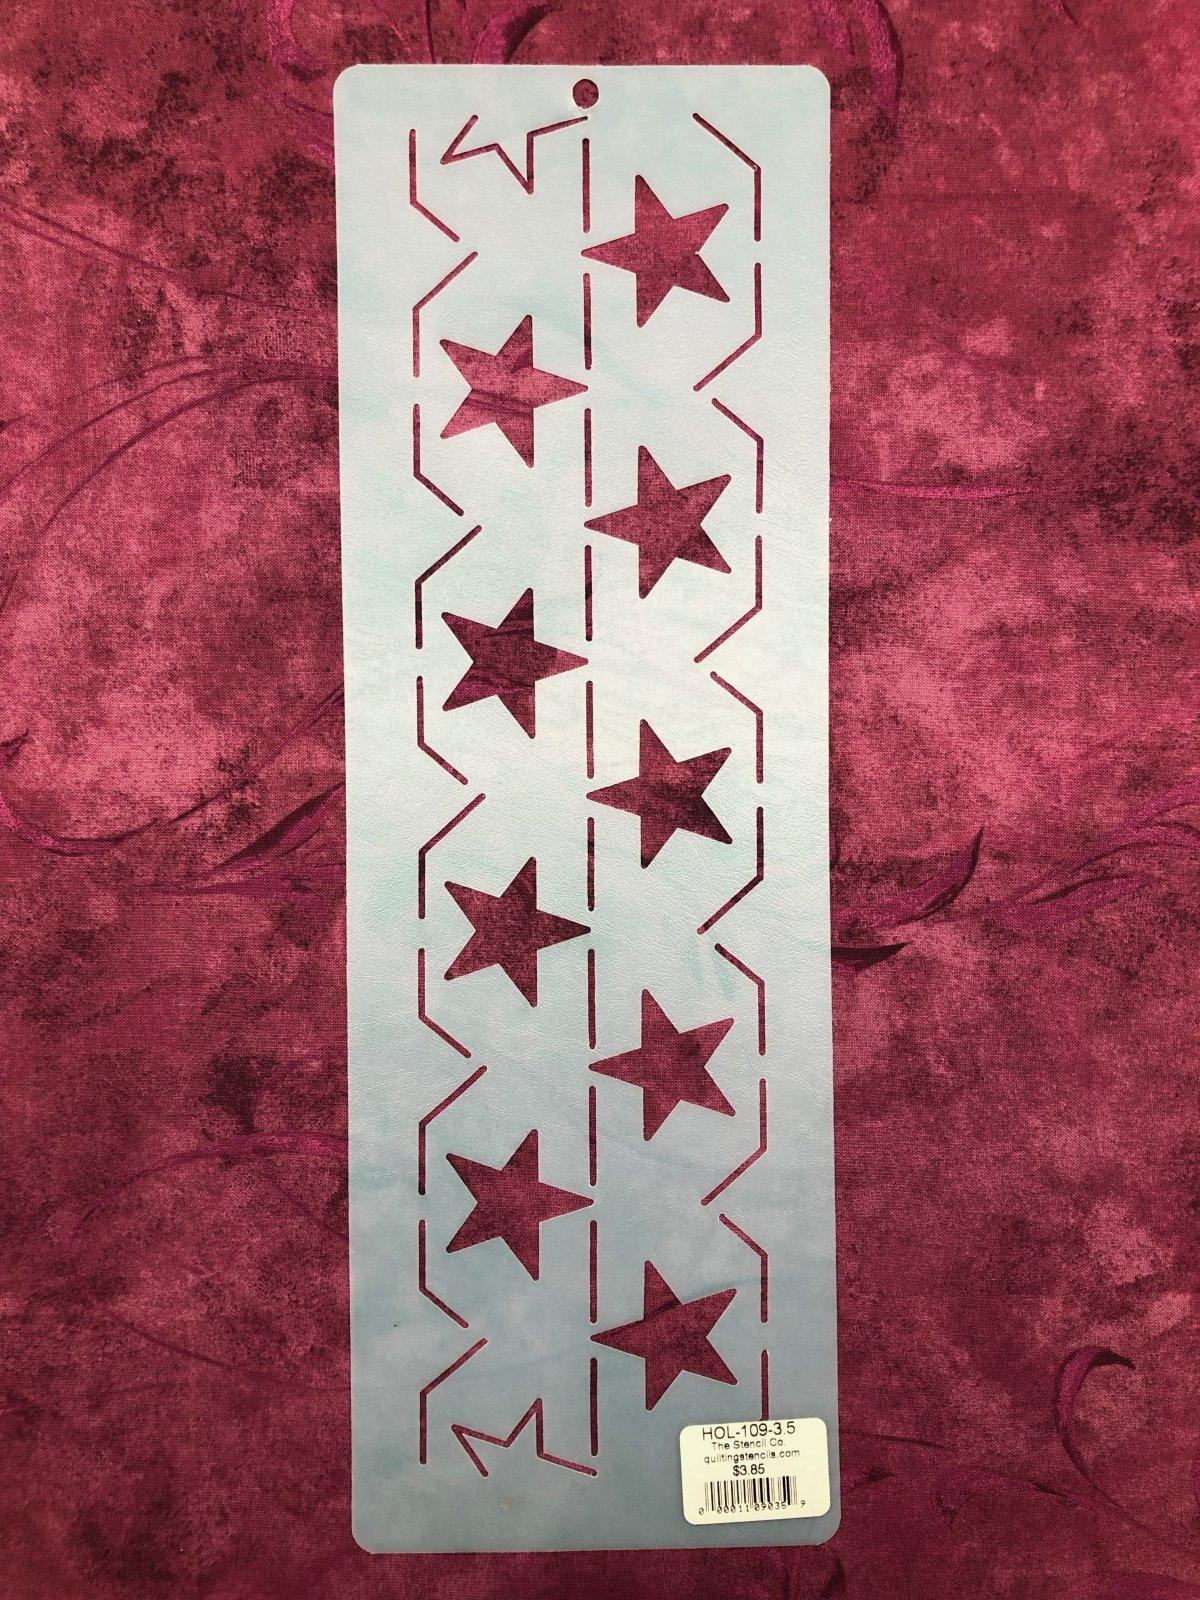 HOL-109-3.5 Star Bdr. 3 1/2 Inch Stencil